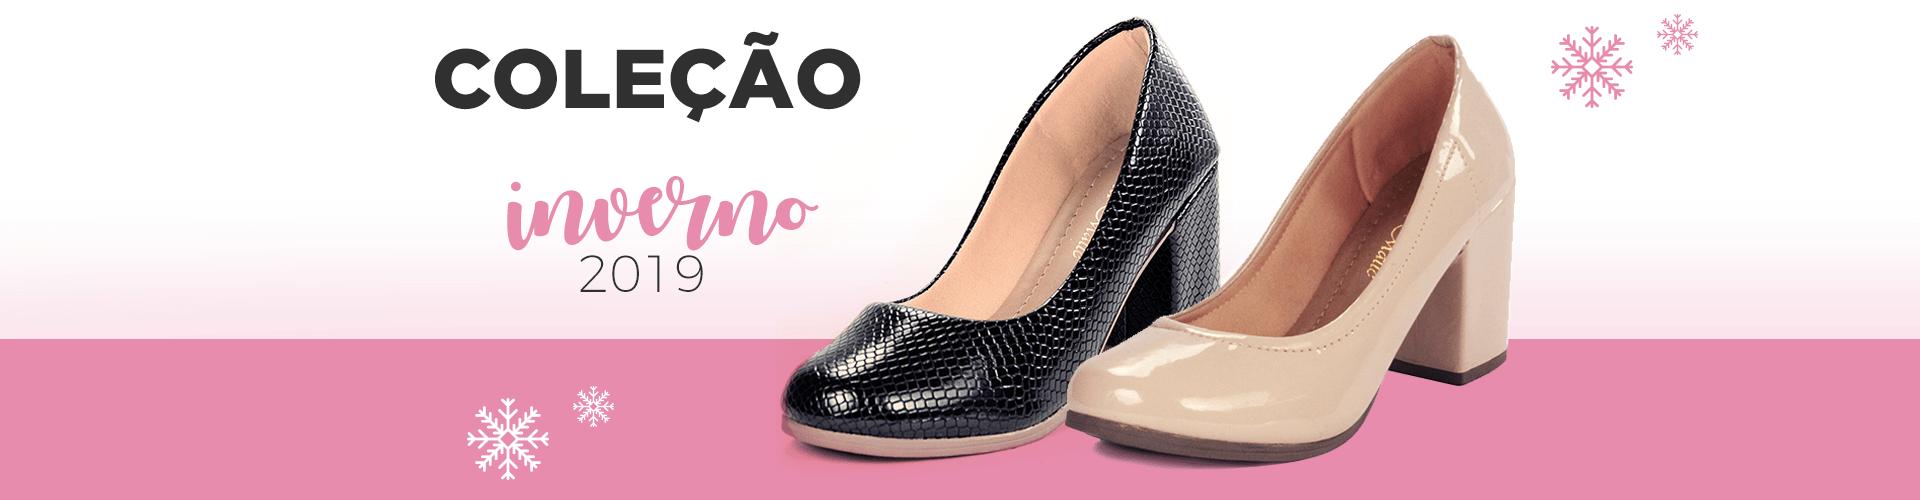 c153994fb Rosa Matte Calçados | Comprar Sapatos Online